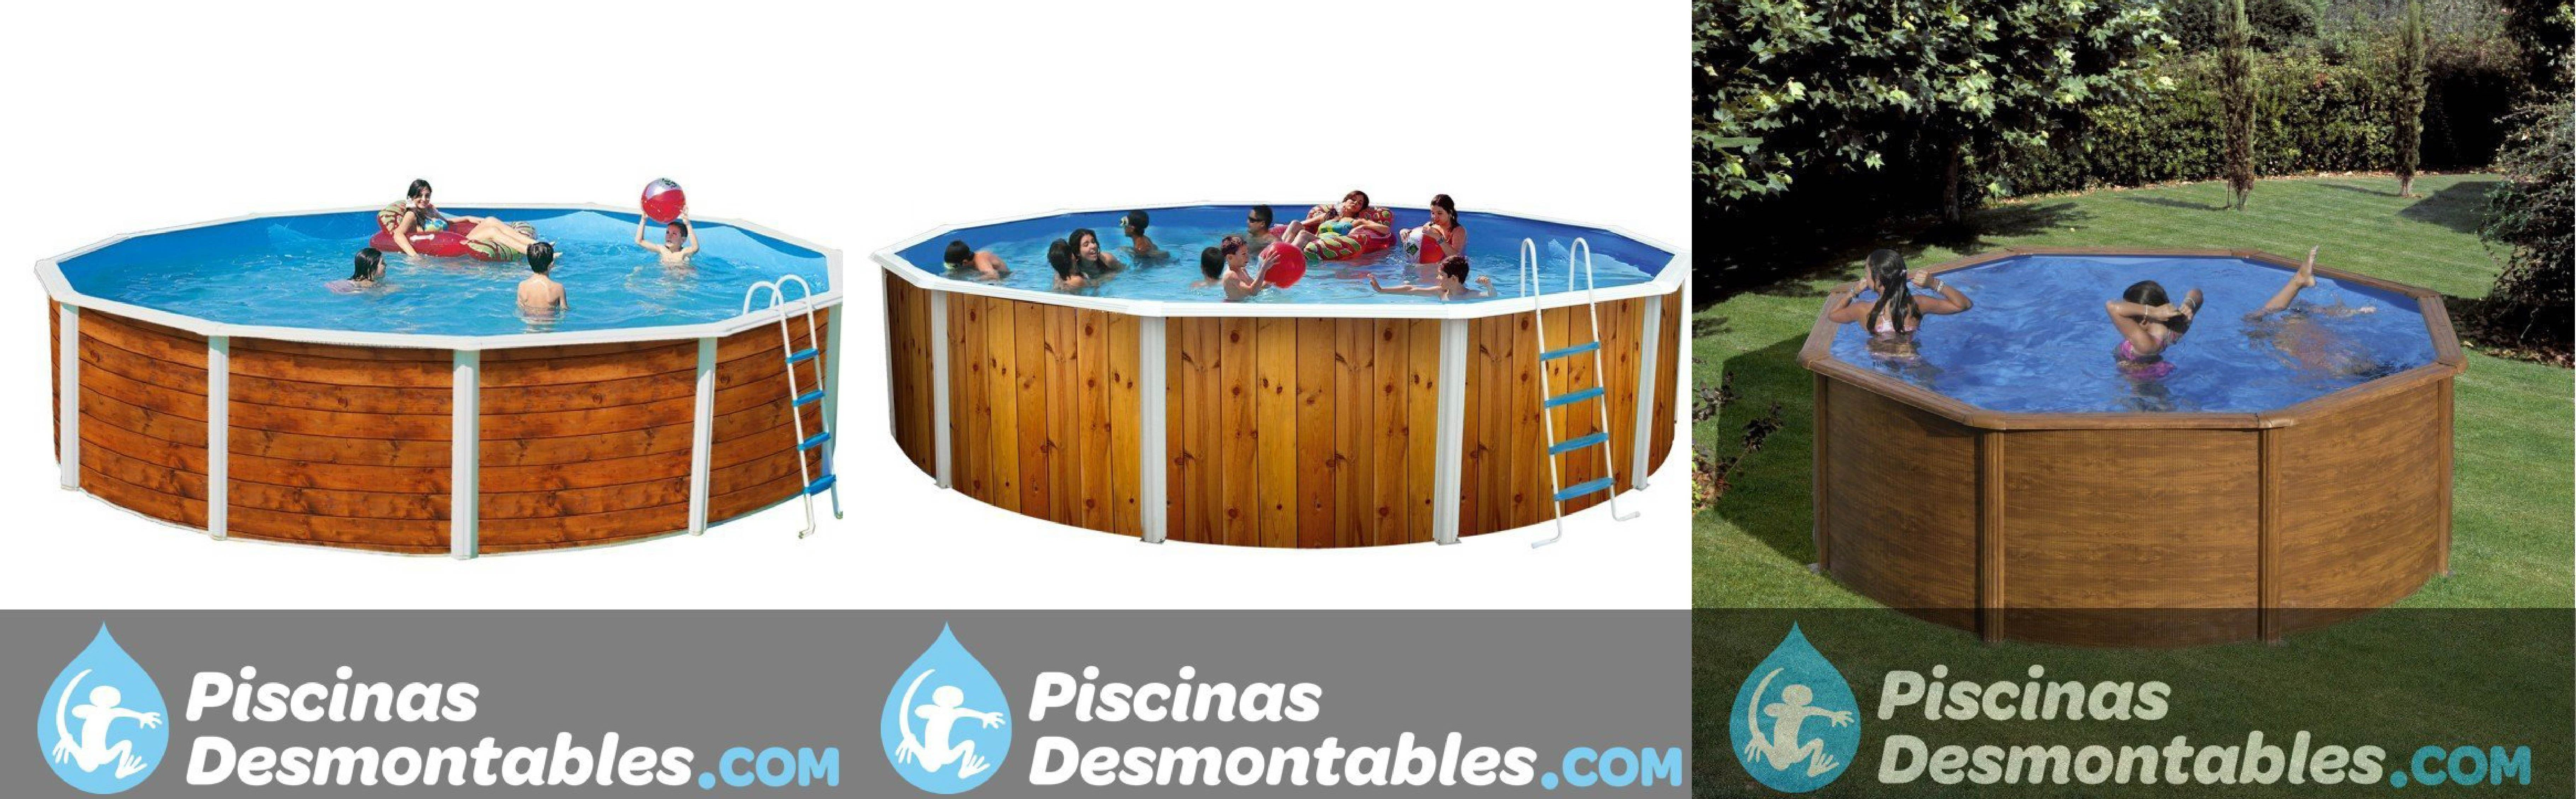 Buenos d as amigos si quer is una piscina de madera pero os